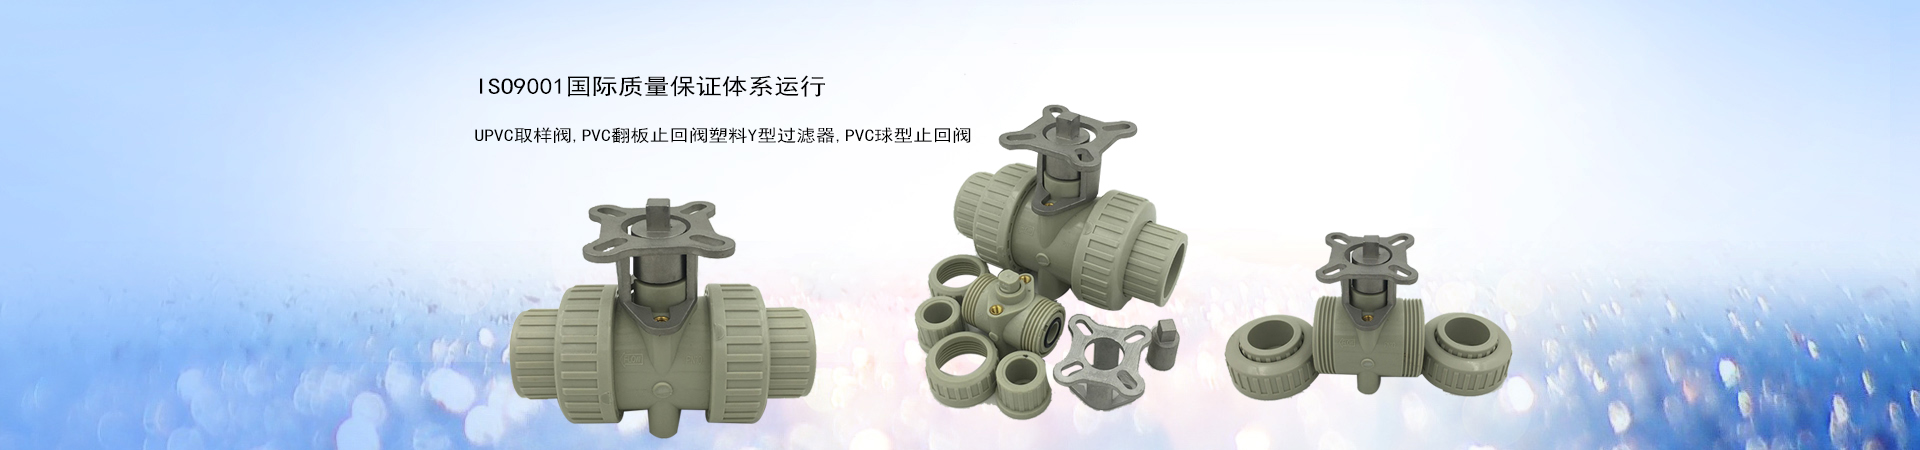 专业从事精密注塑模具及各类塑料制品的设计、开发、制造